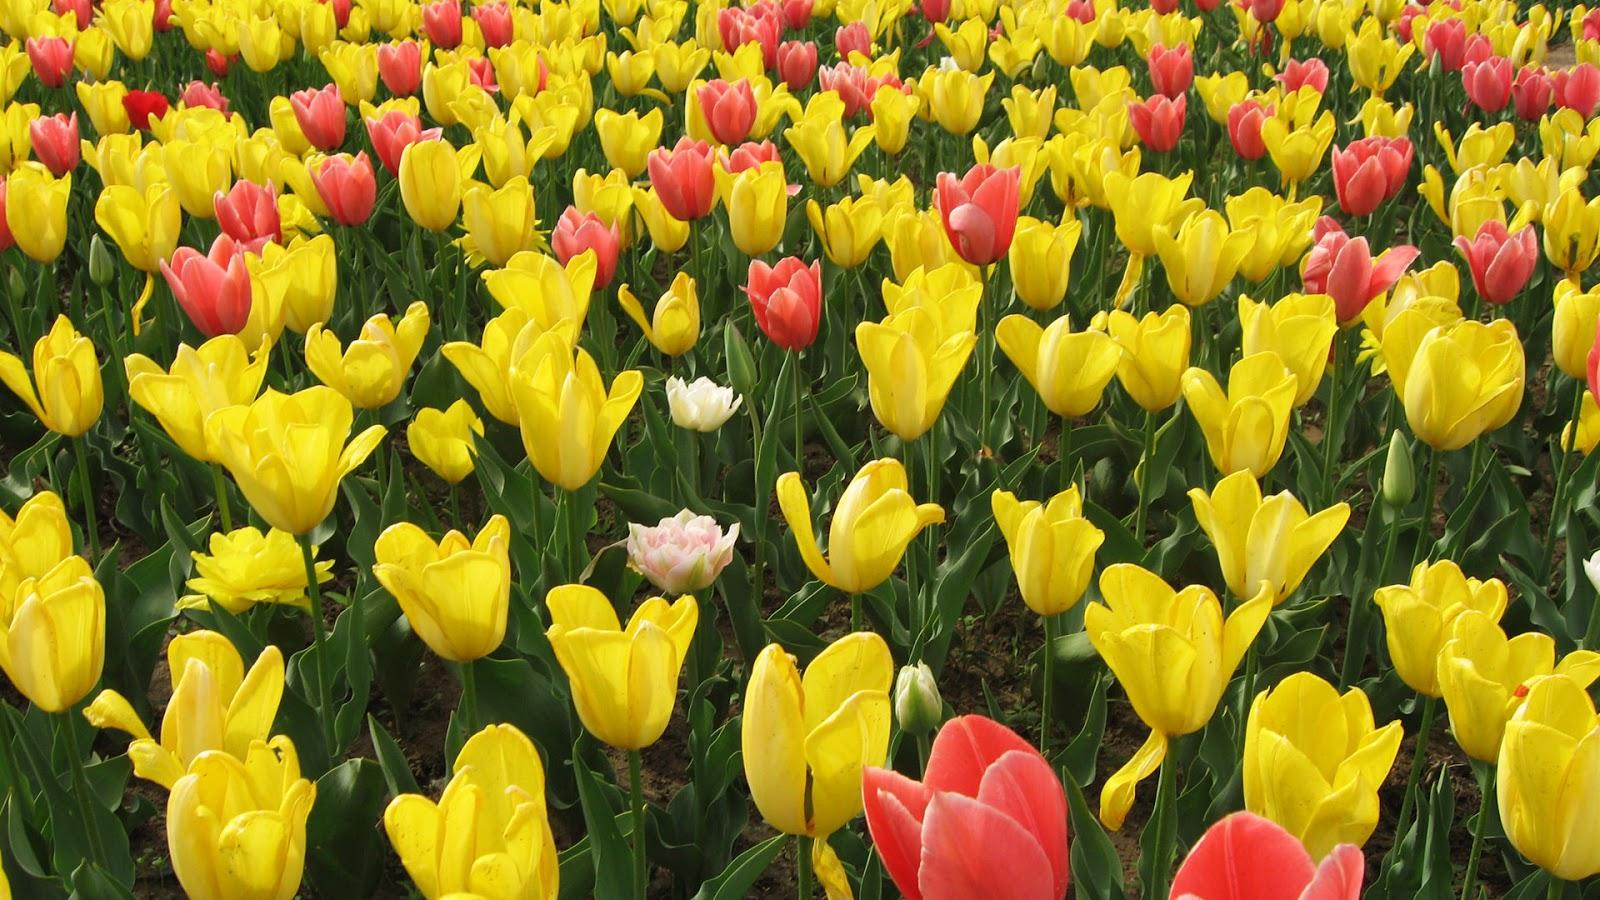 Flowers beauty wallpaers hd flower wallpaper flowers beauty wallpaers hd izmirmasajfo